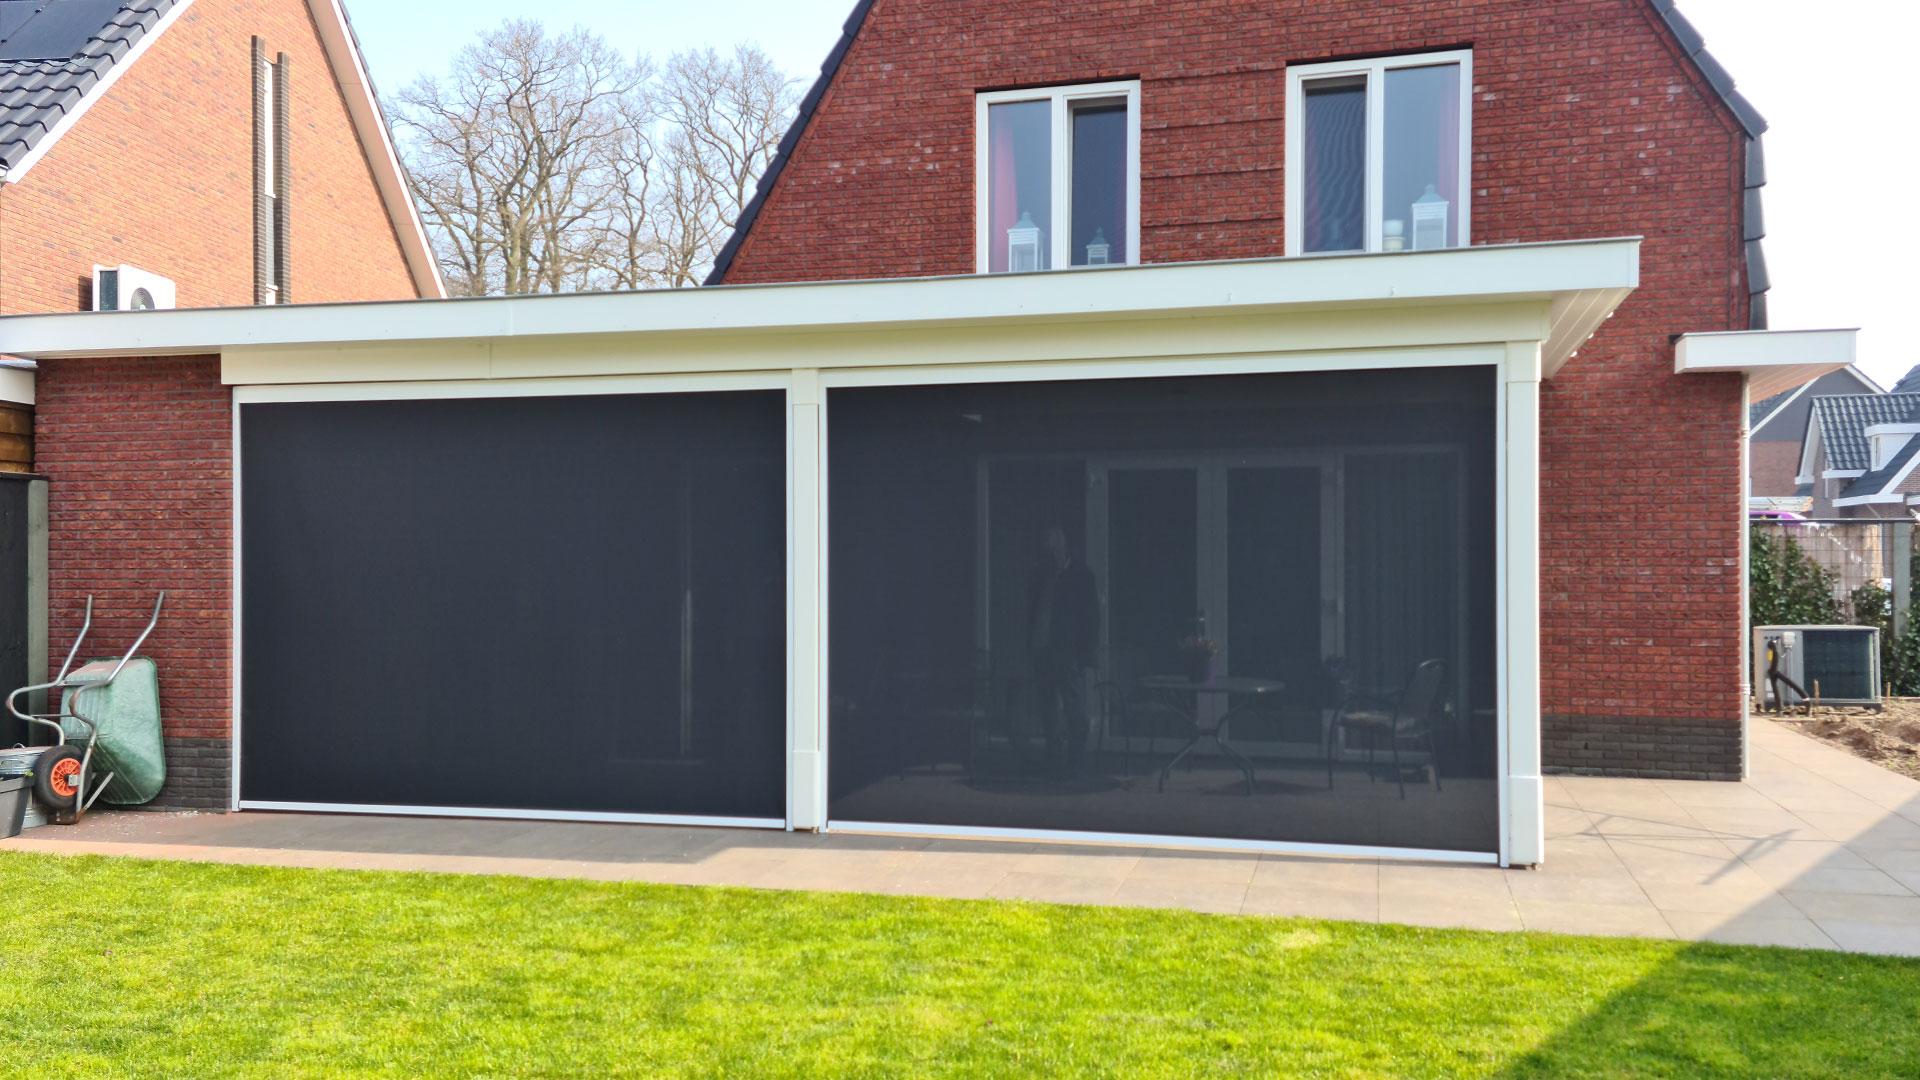 Screens voor uw overkapping - Groenevelt Zonwering & Raamdecoratie.